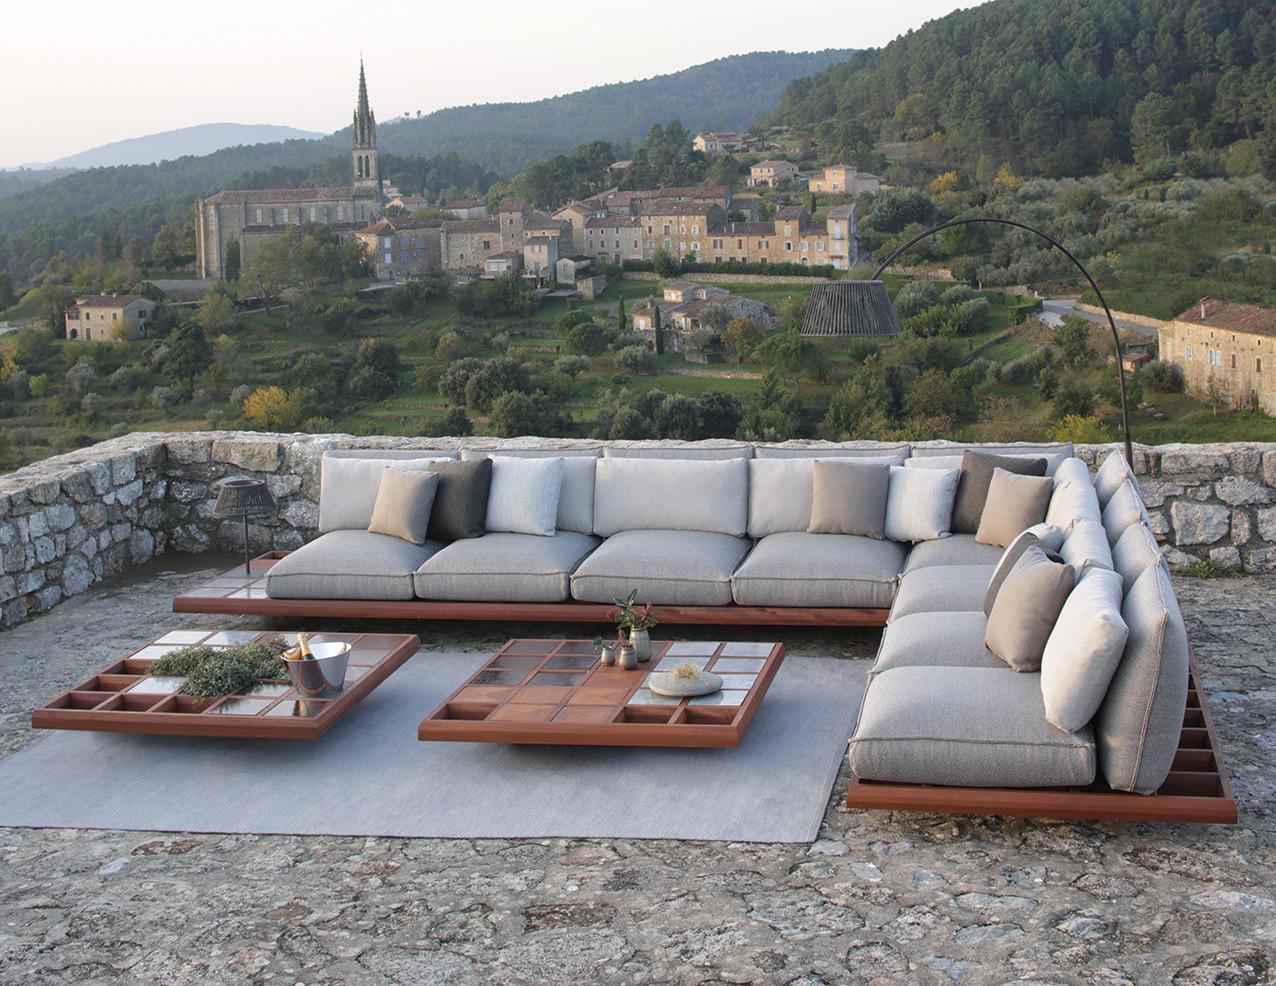 MOZAIX LOUNGE Мозаикс лаунж мебель из махагона и влагостойкой ткани Royal Botania Бельгия